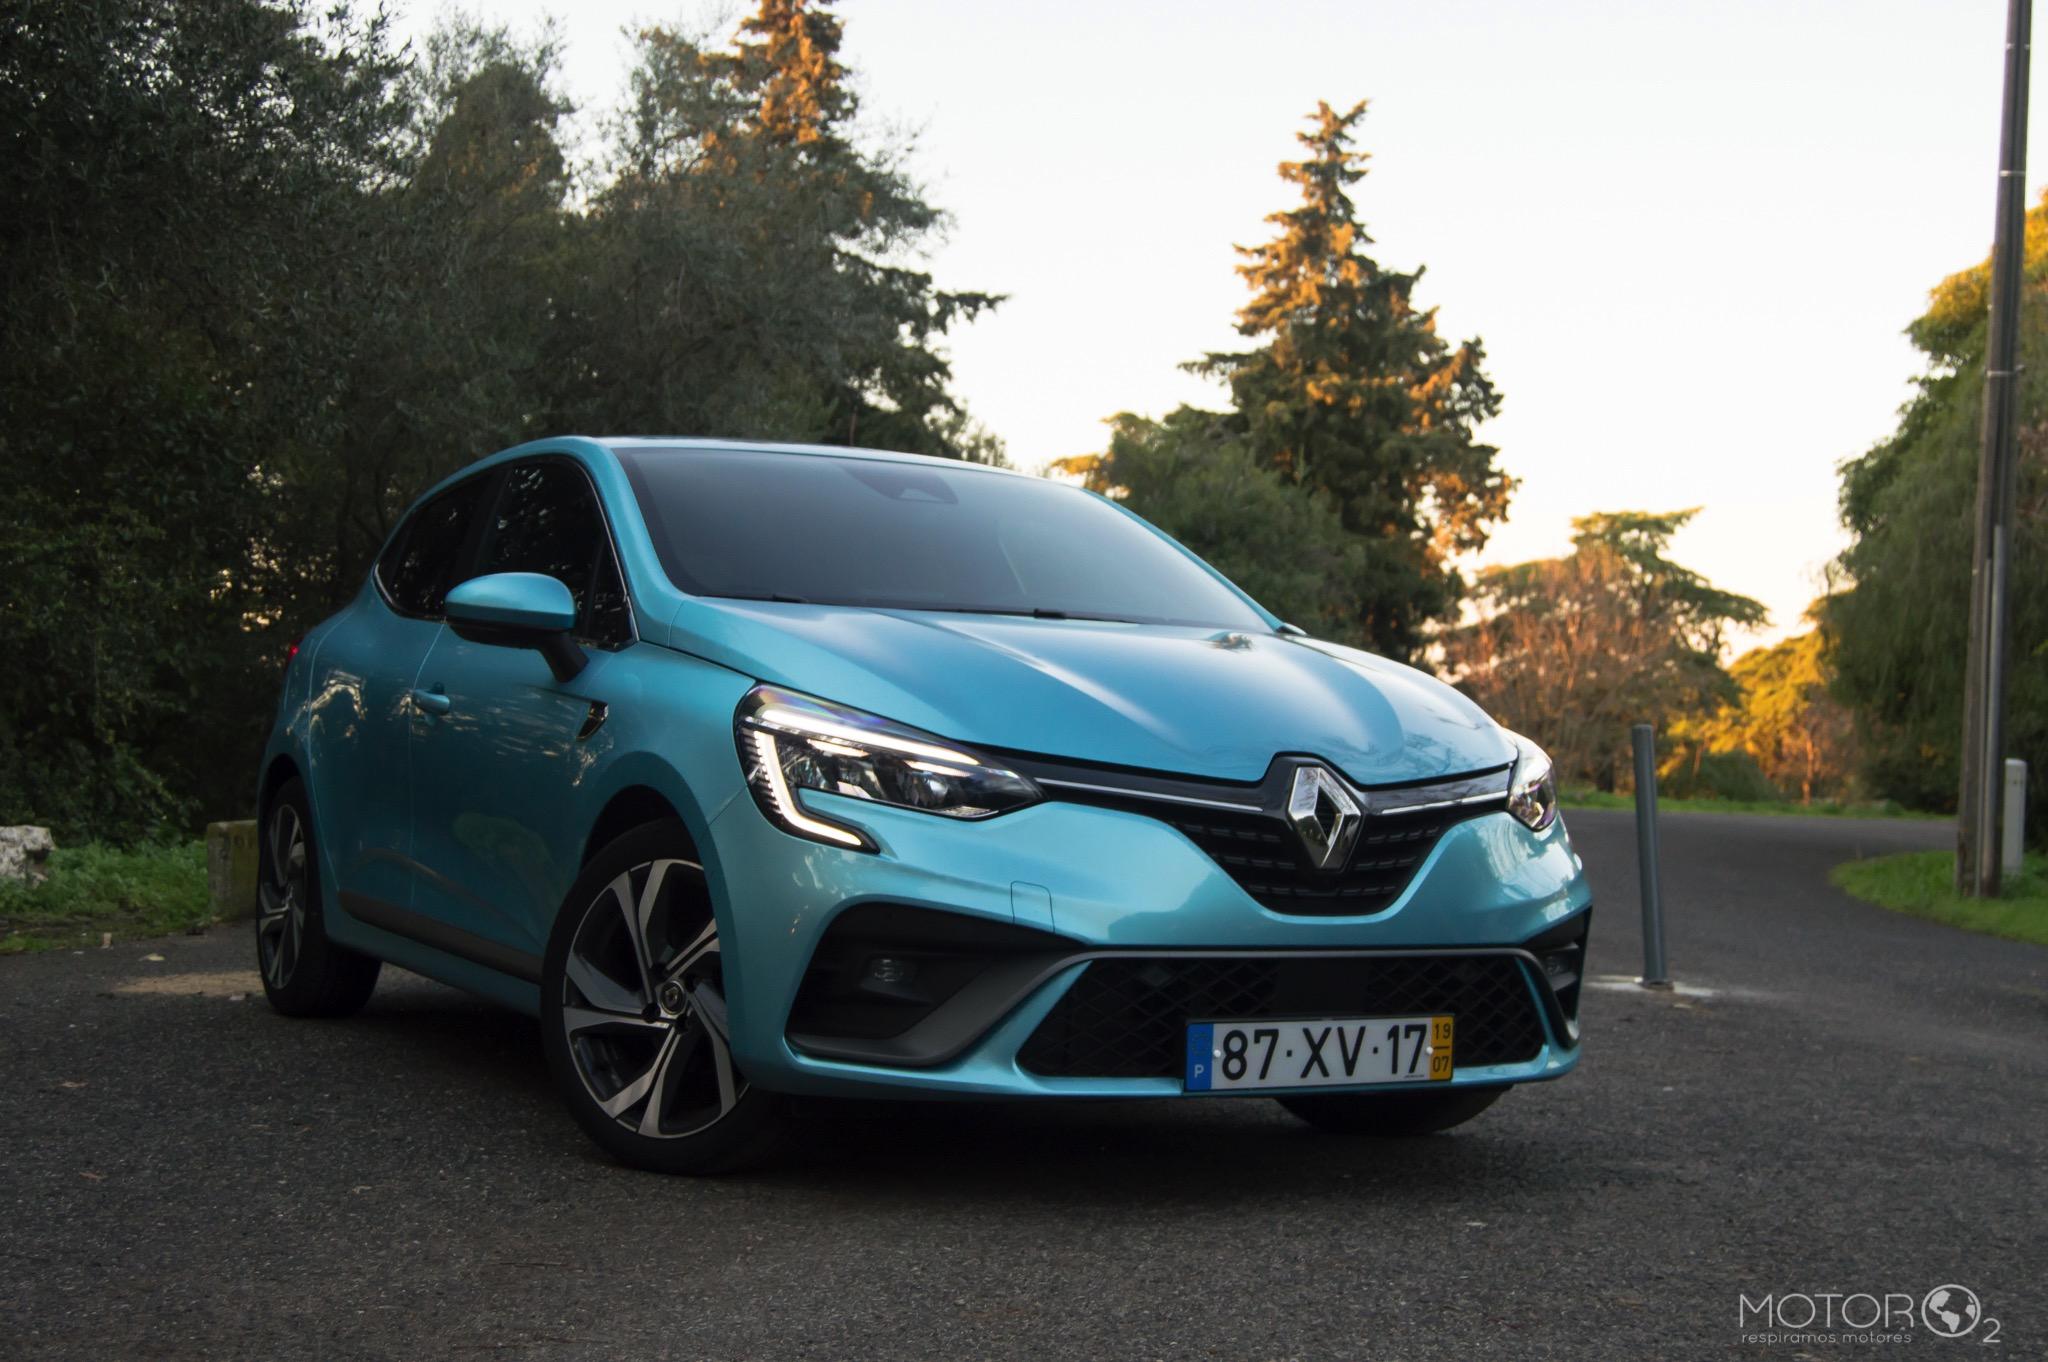 Renault Clio V RS Line BluedCi 115